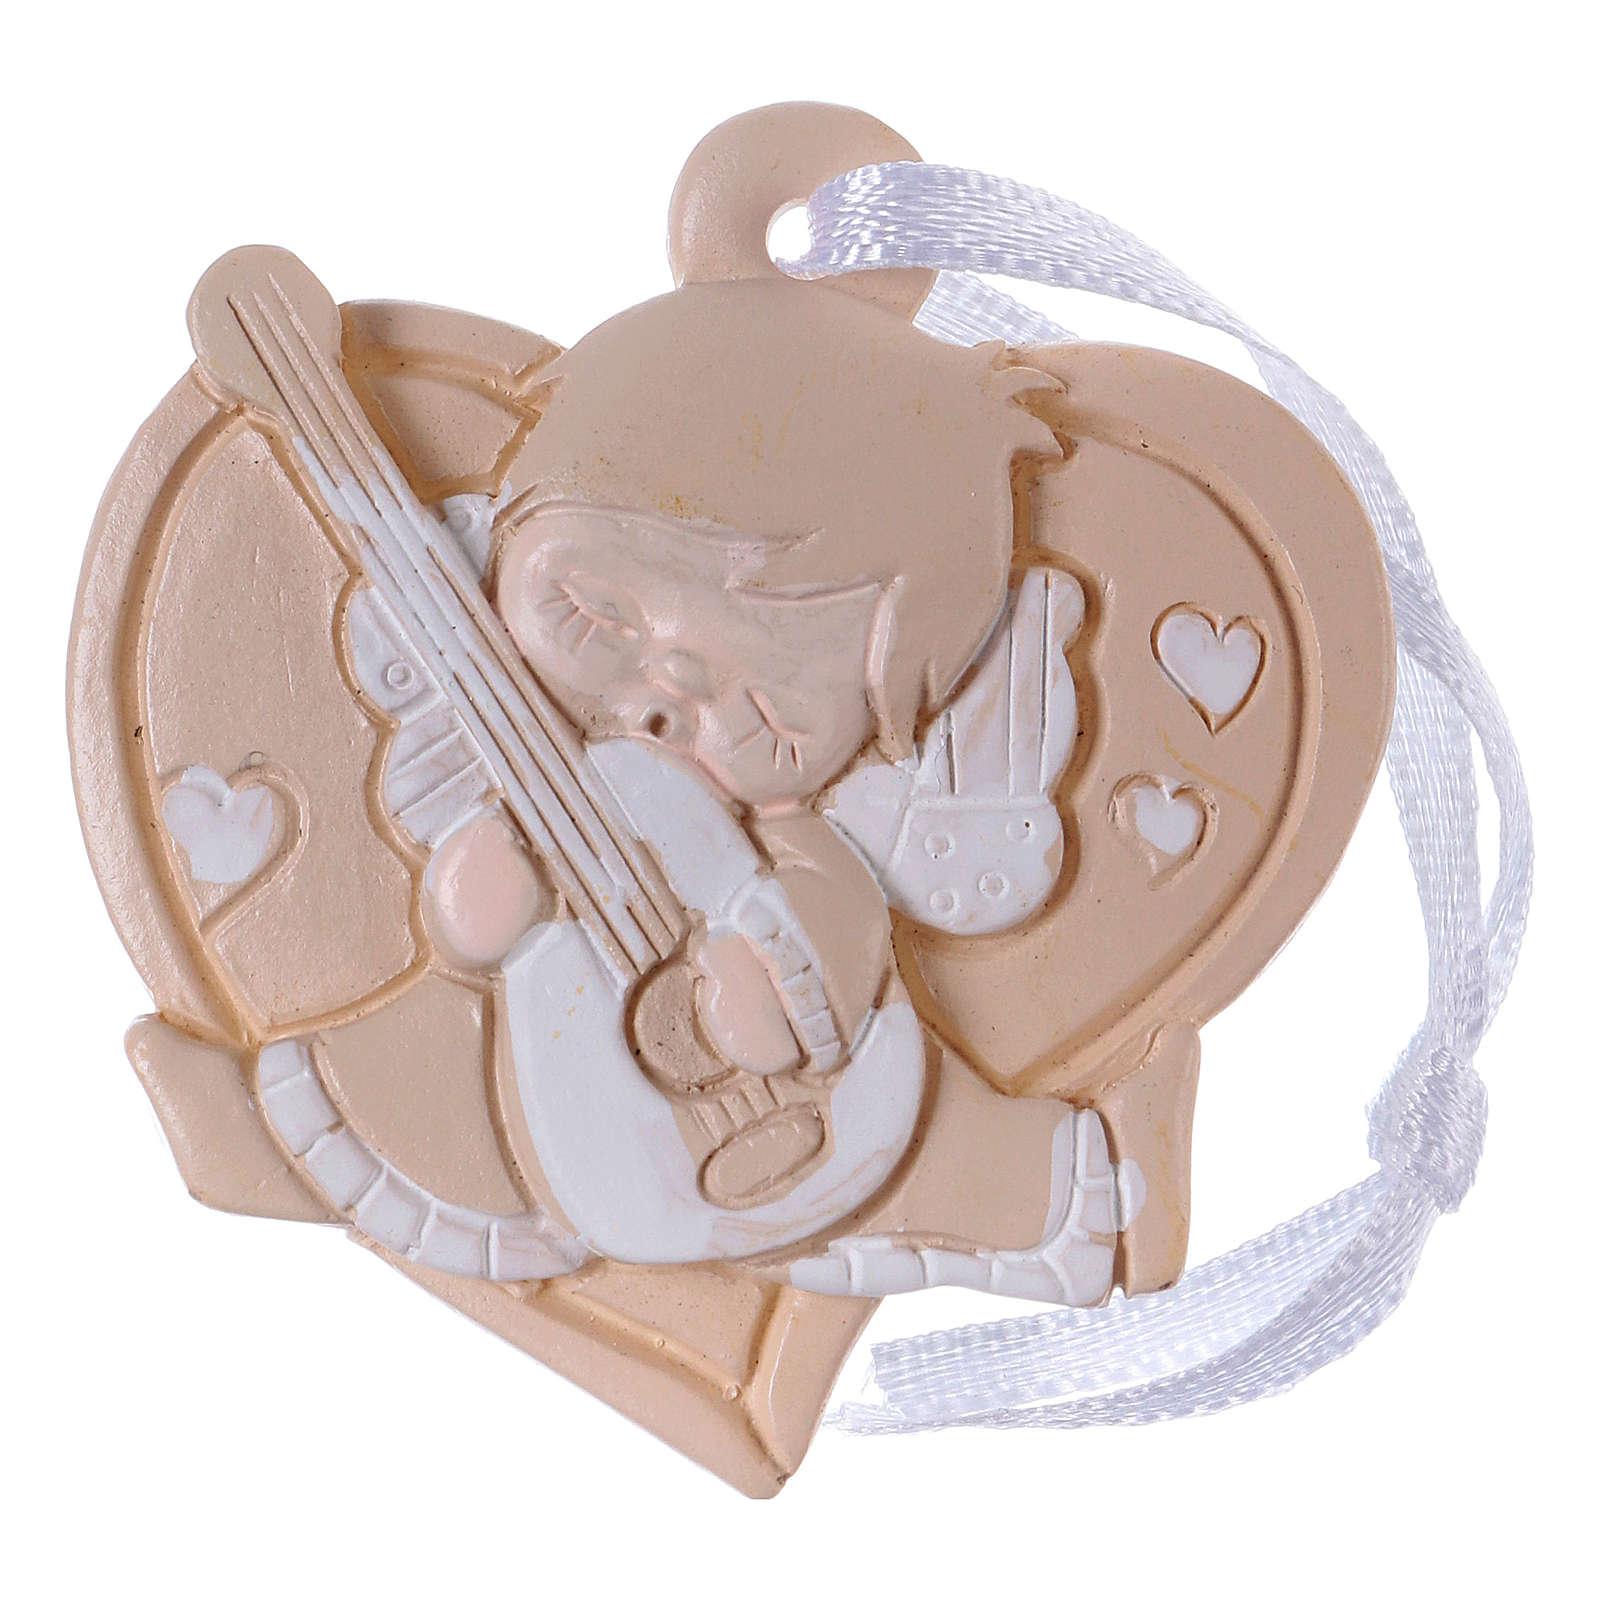 Angeli 4,5 cm in resina colorata su cuore beige da appendere 20 pz conf 3